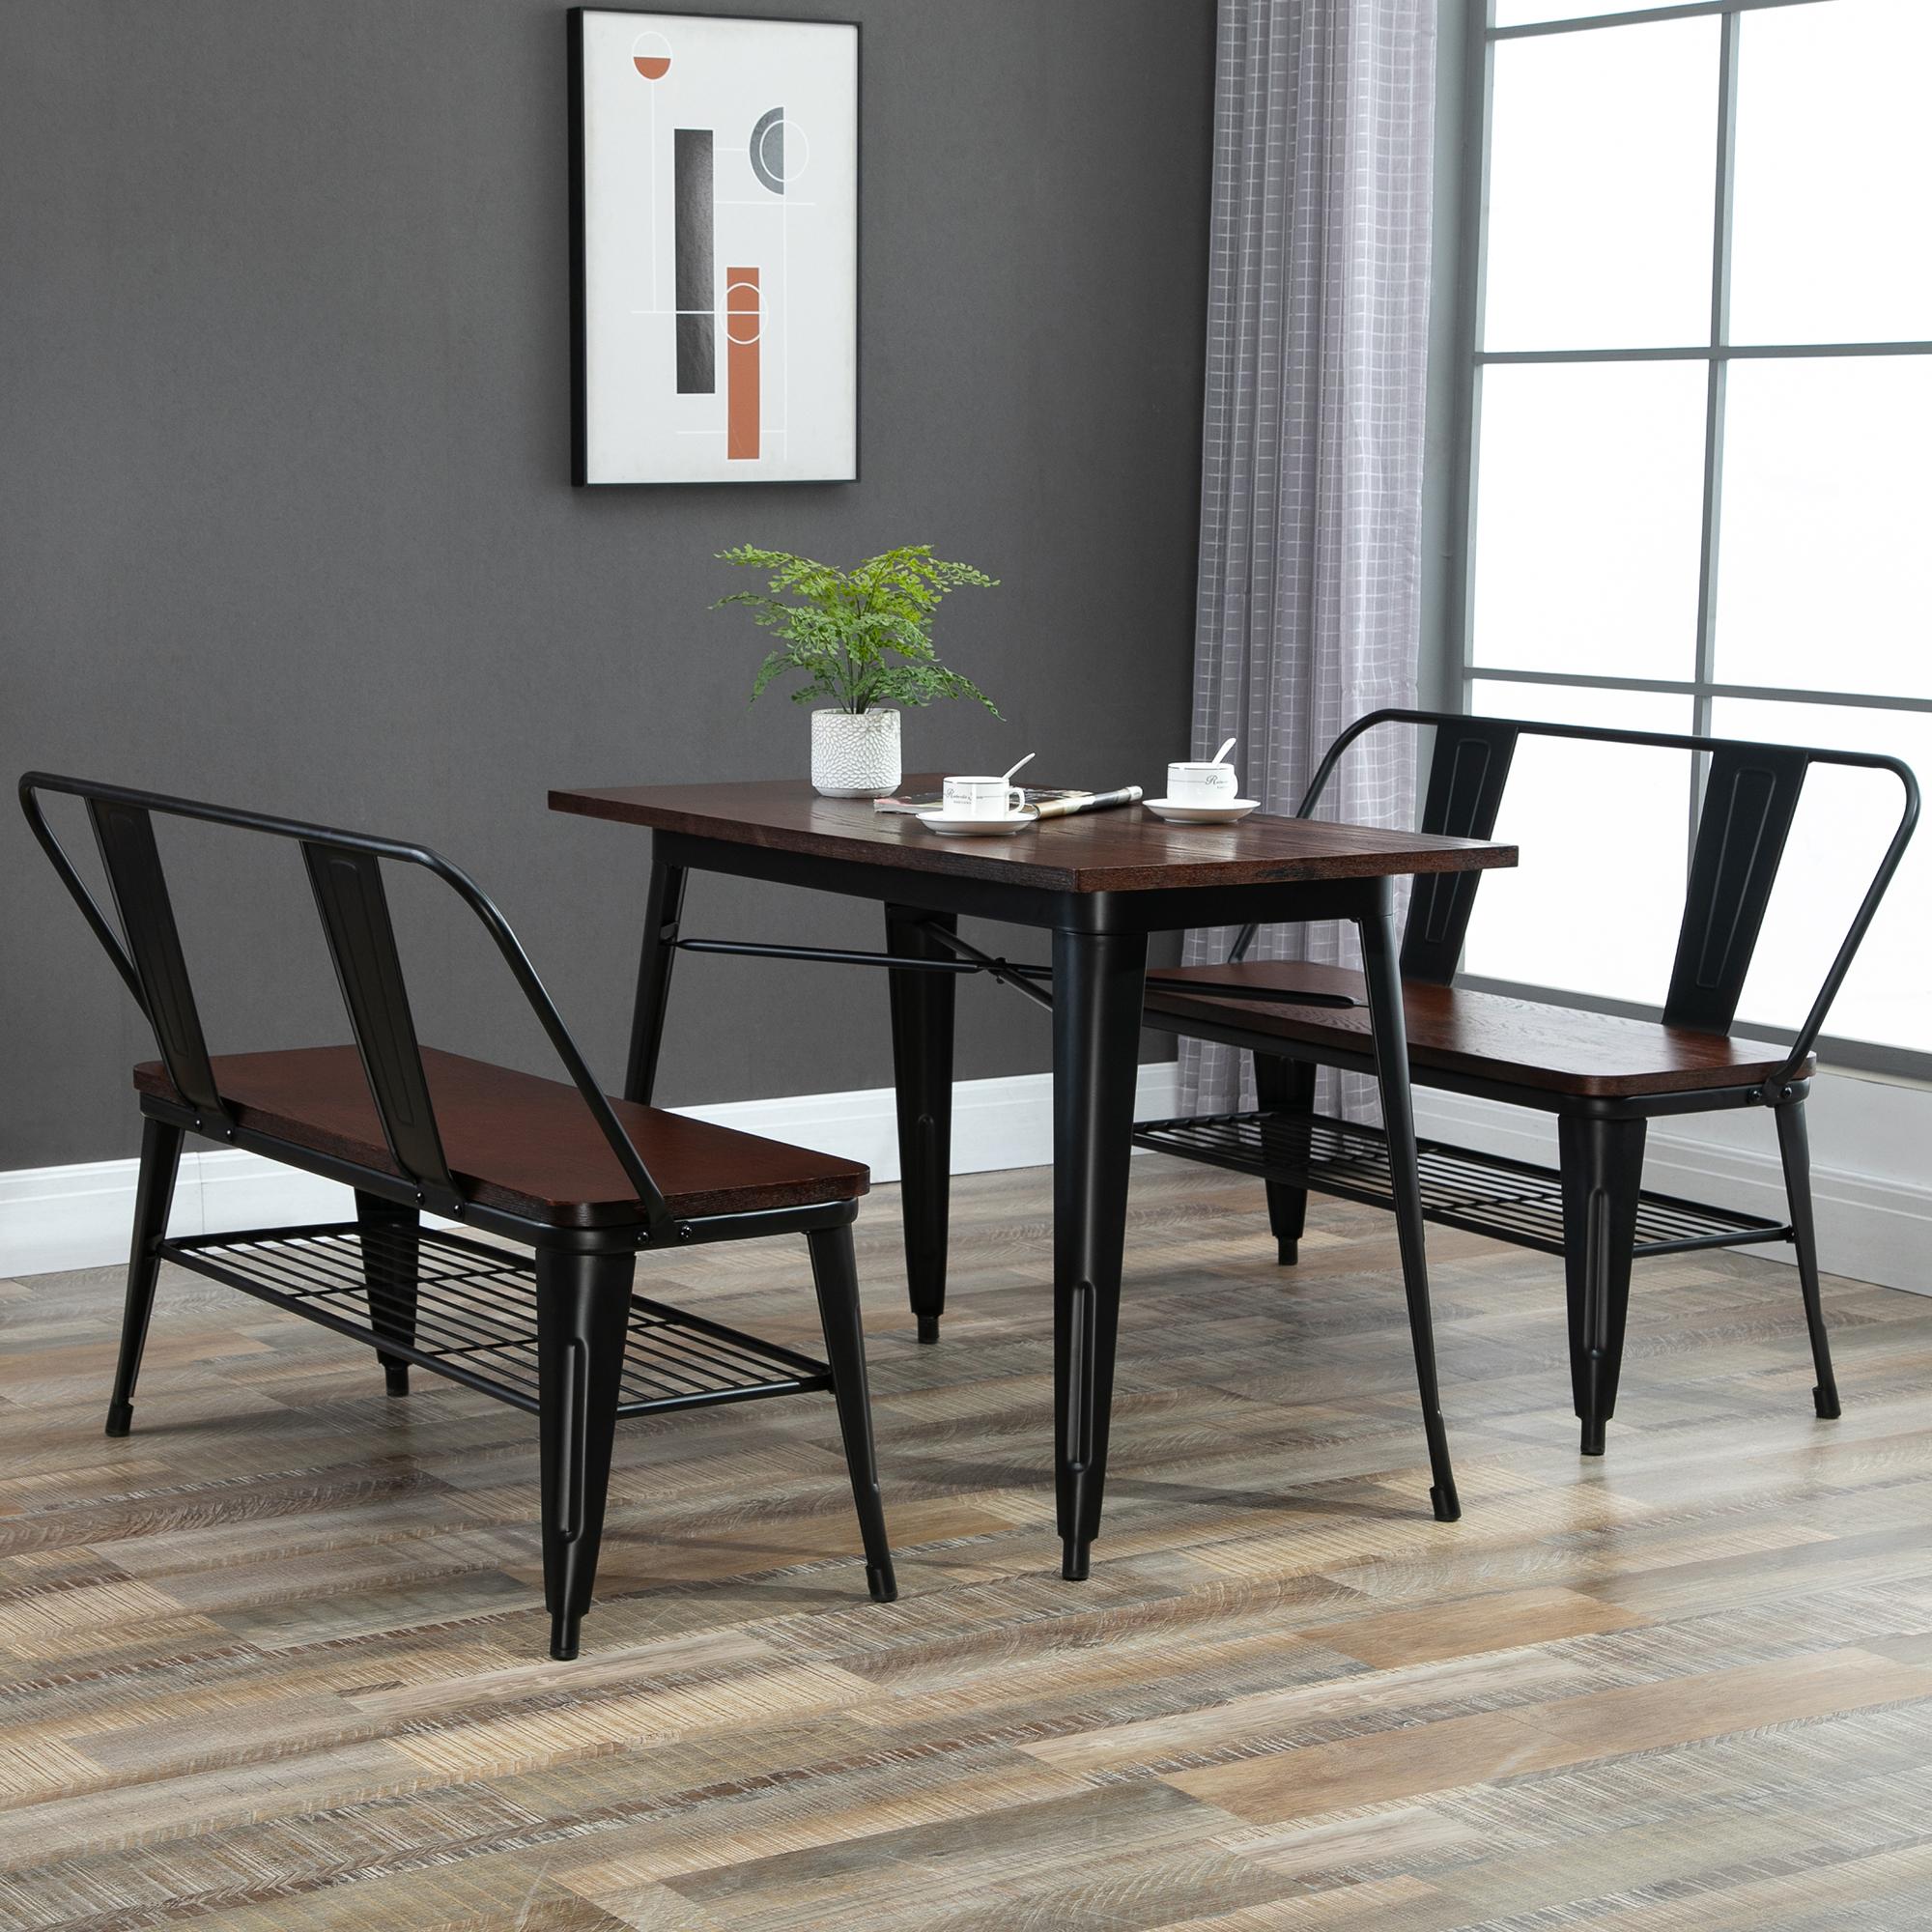 Table à manger design industriel 6 places